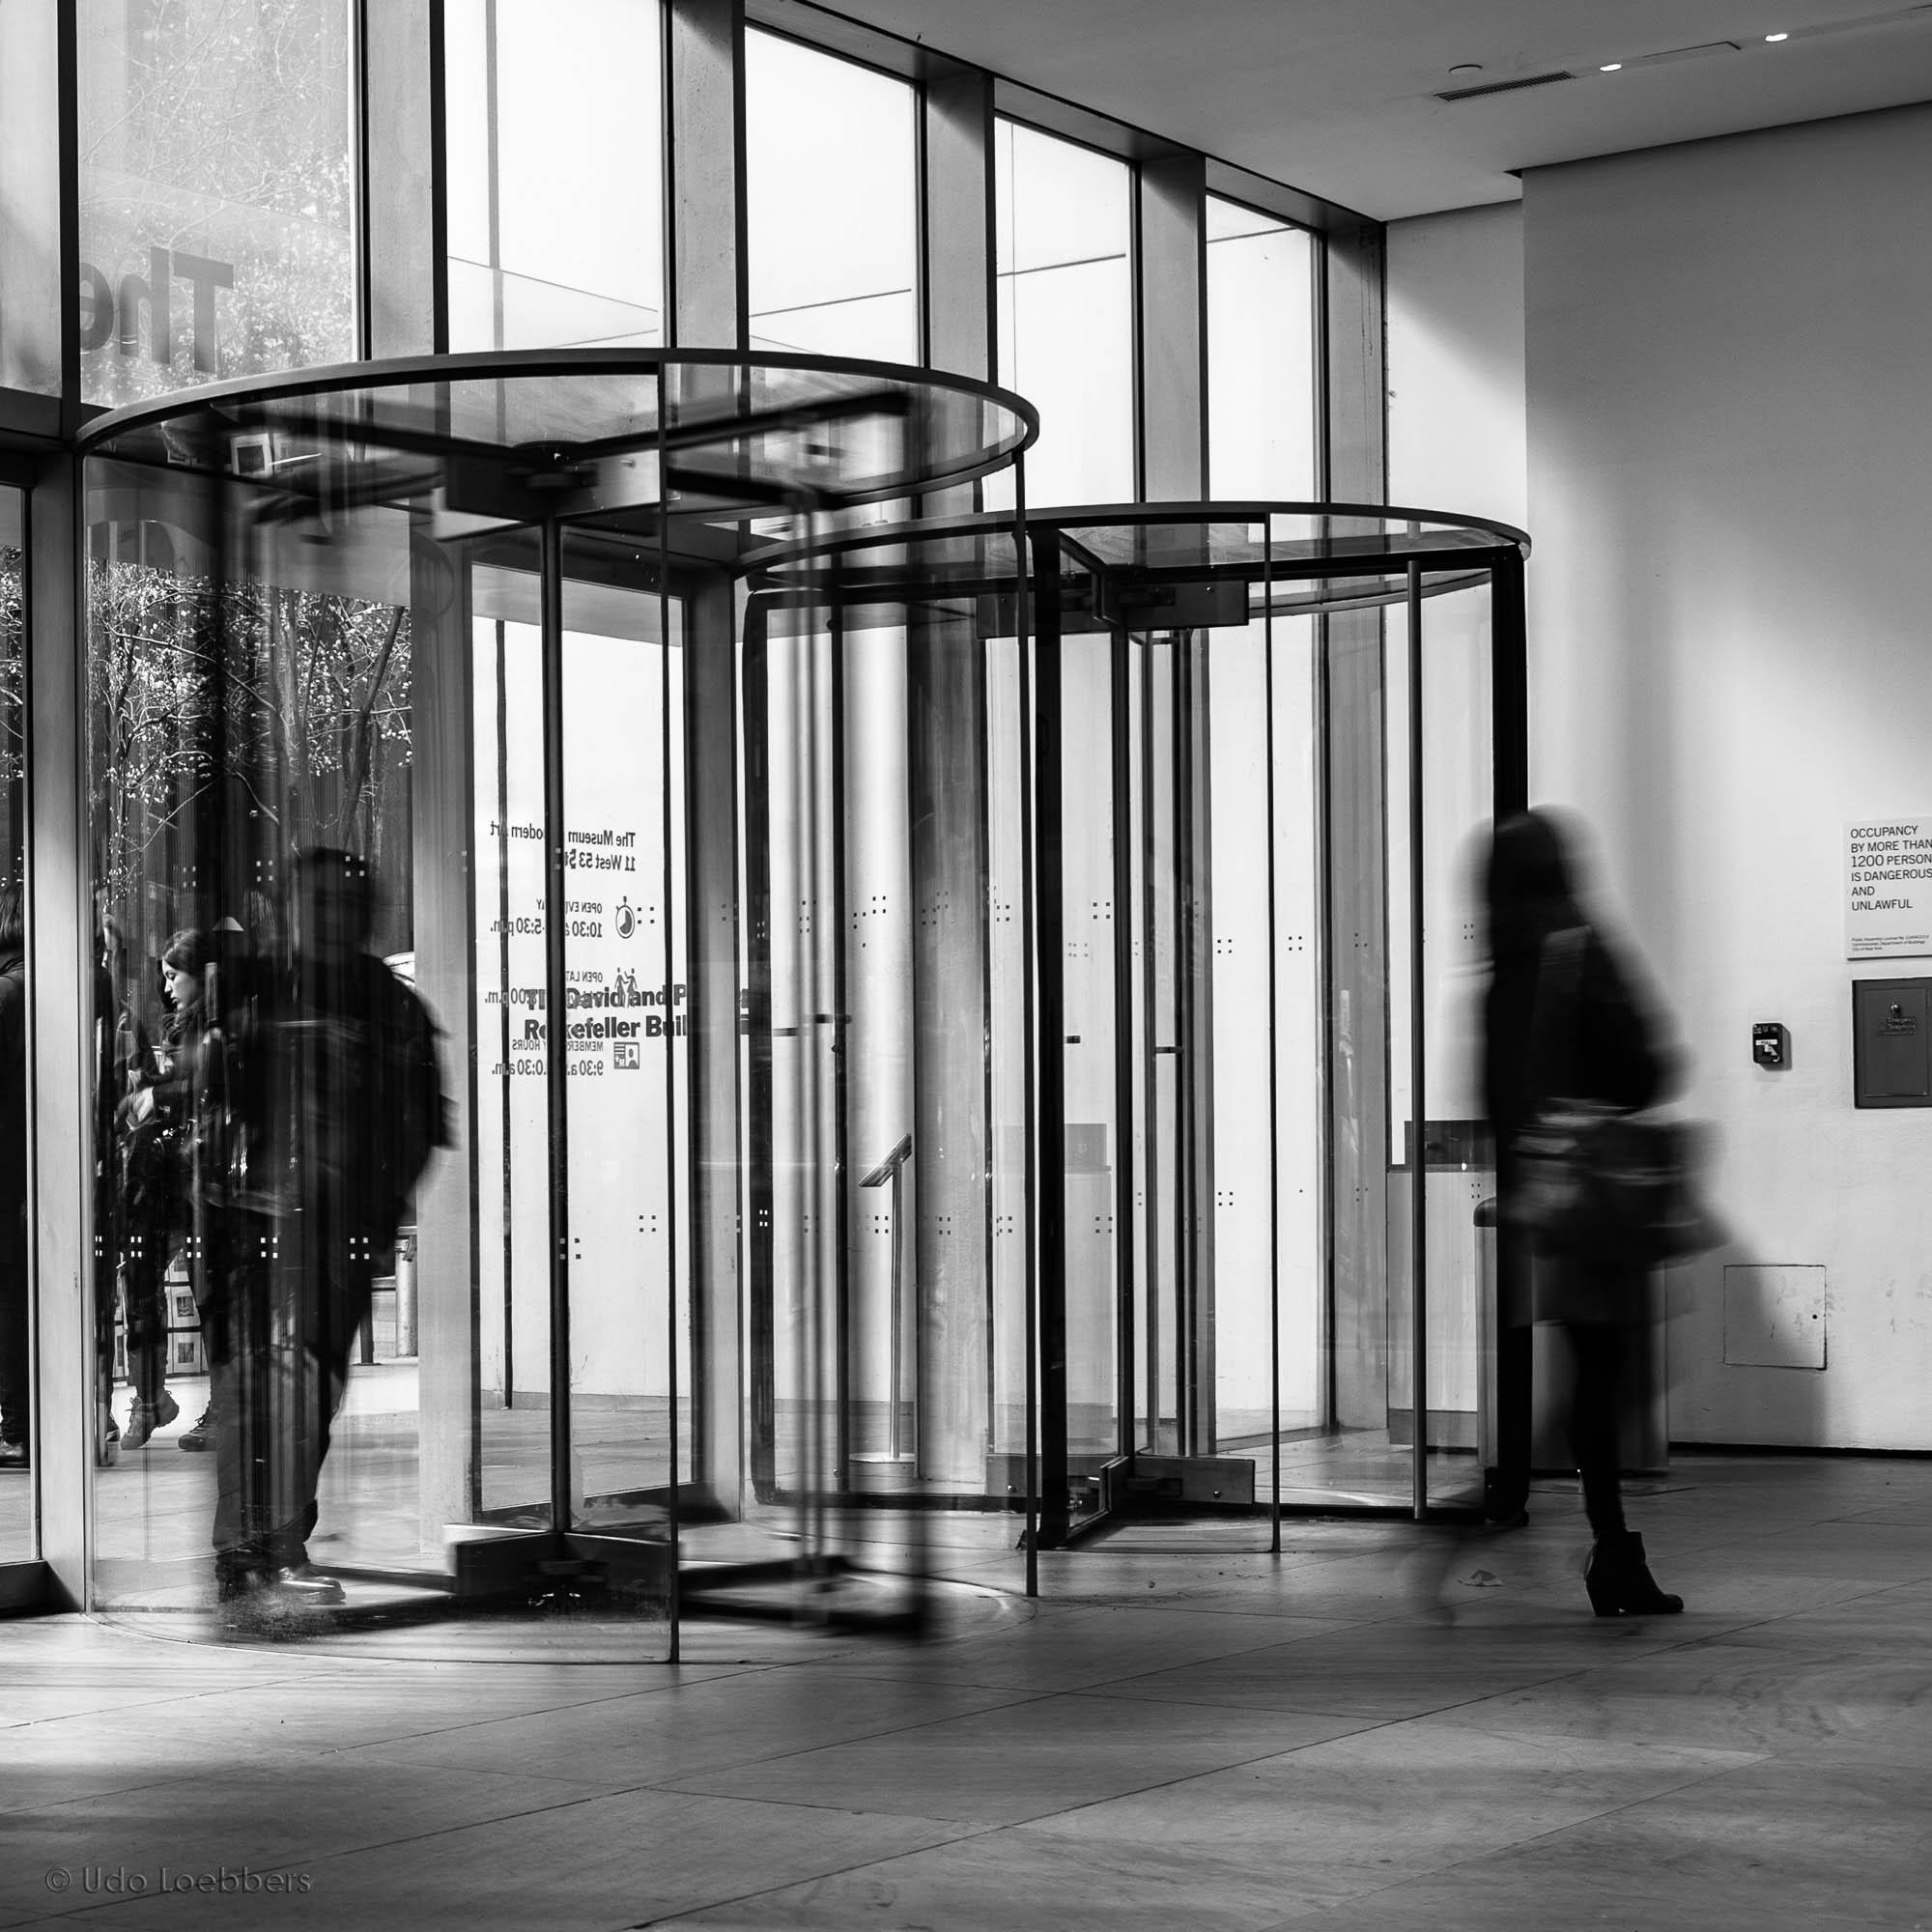 Museen & Besucher